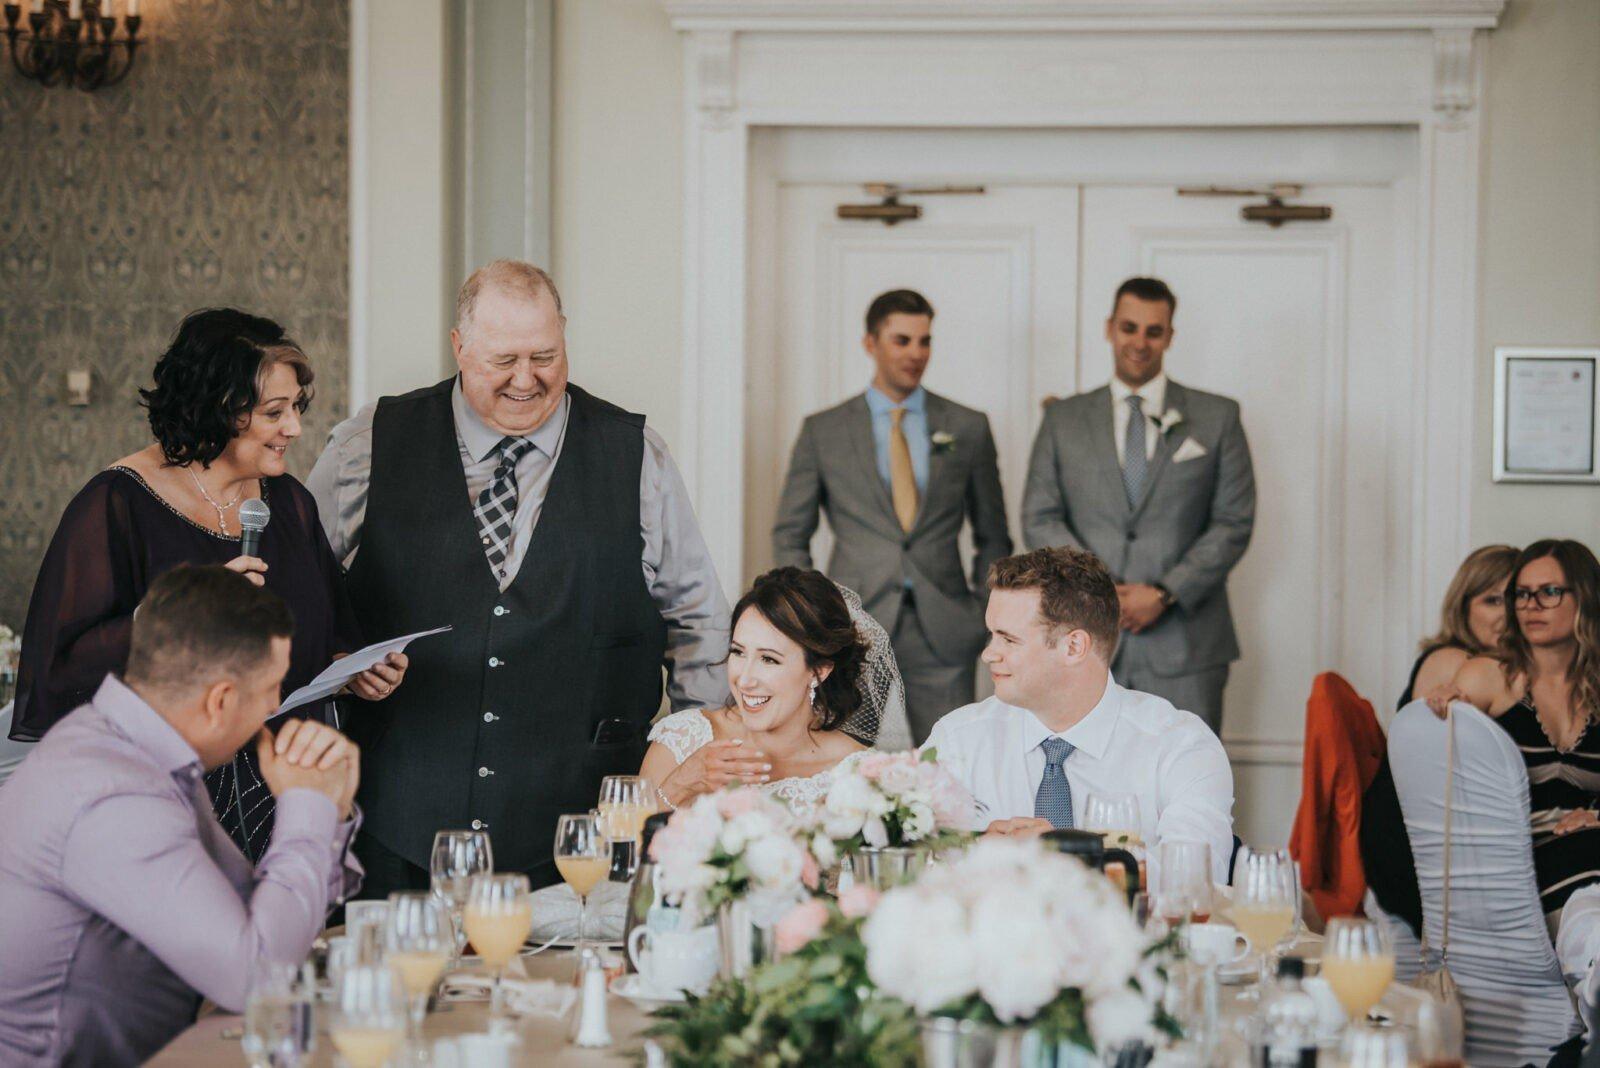 wedding reception speaches